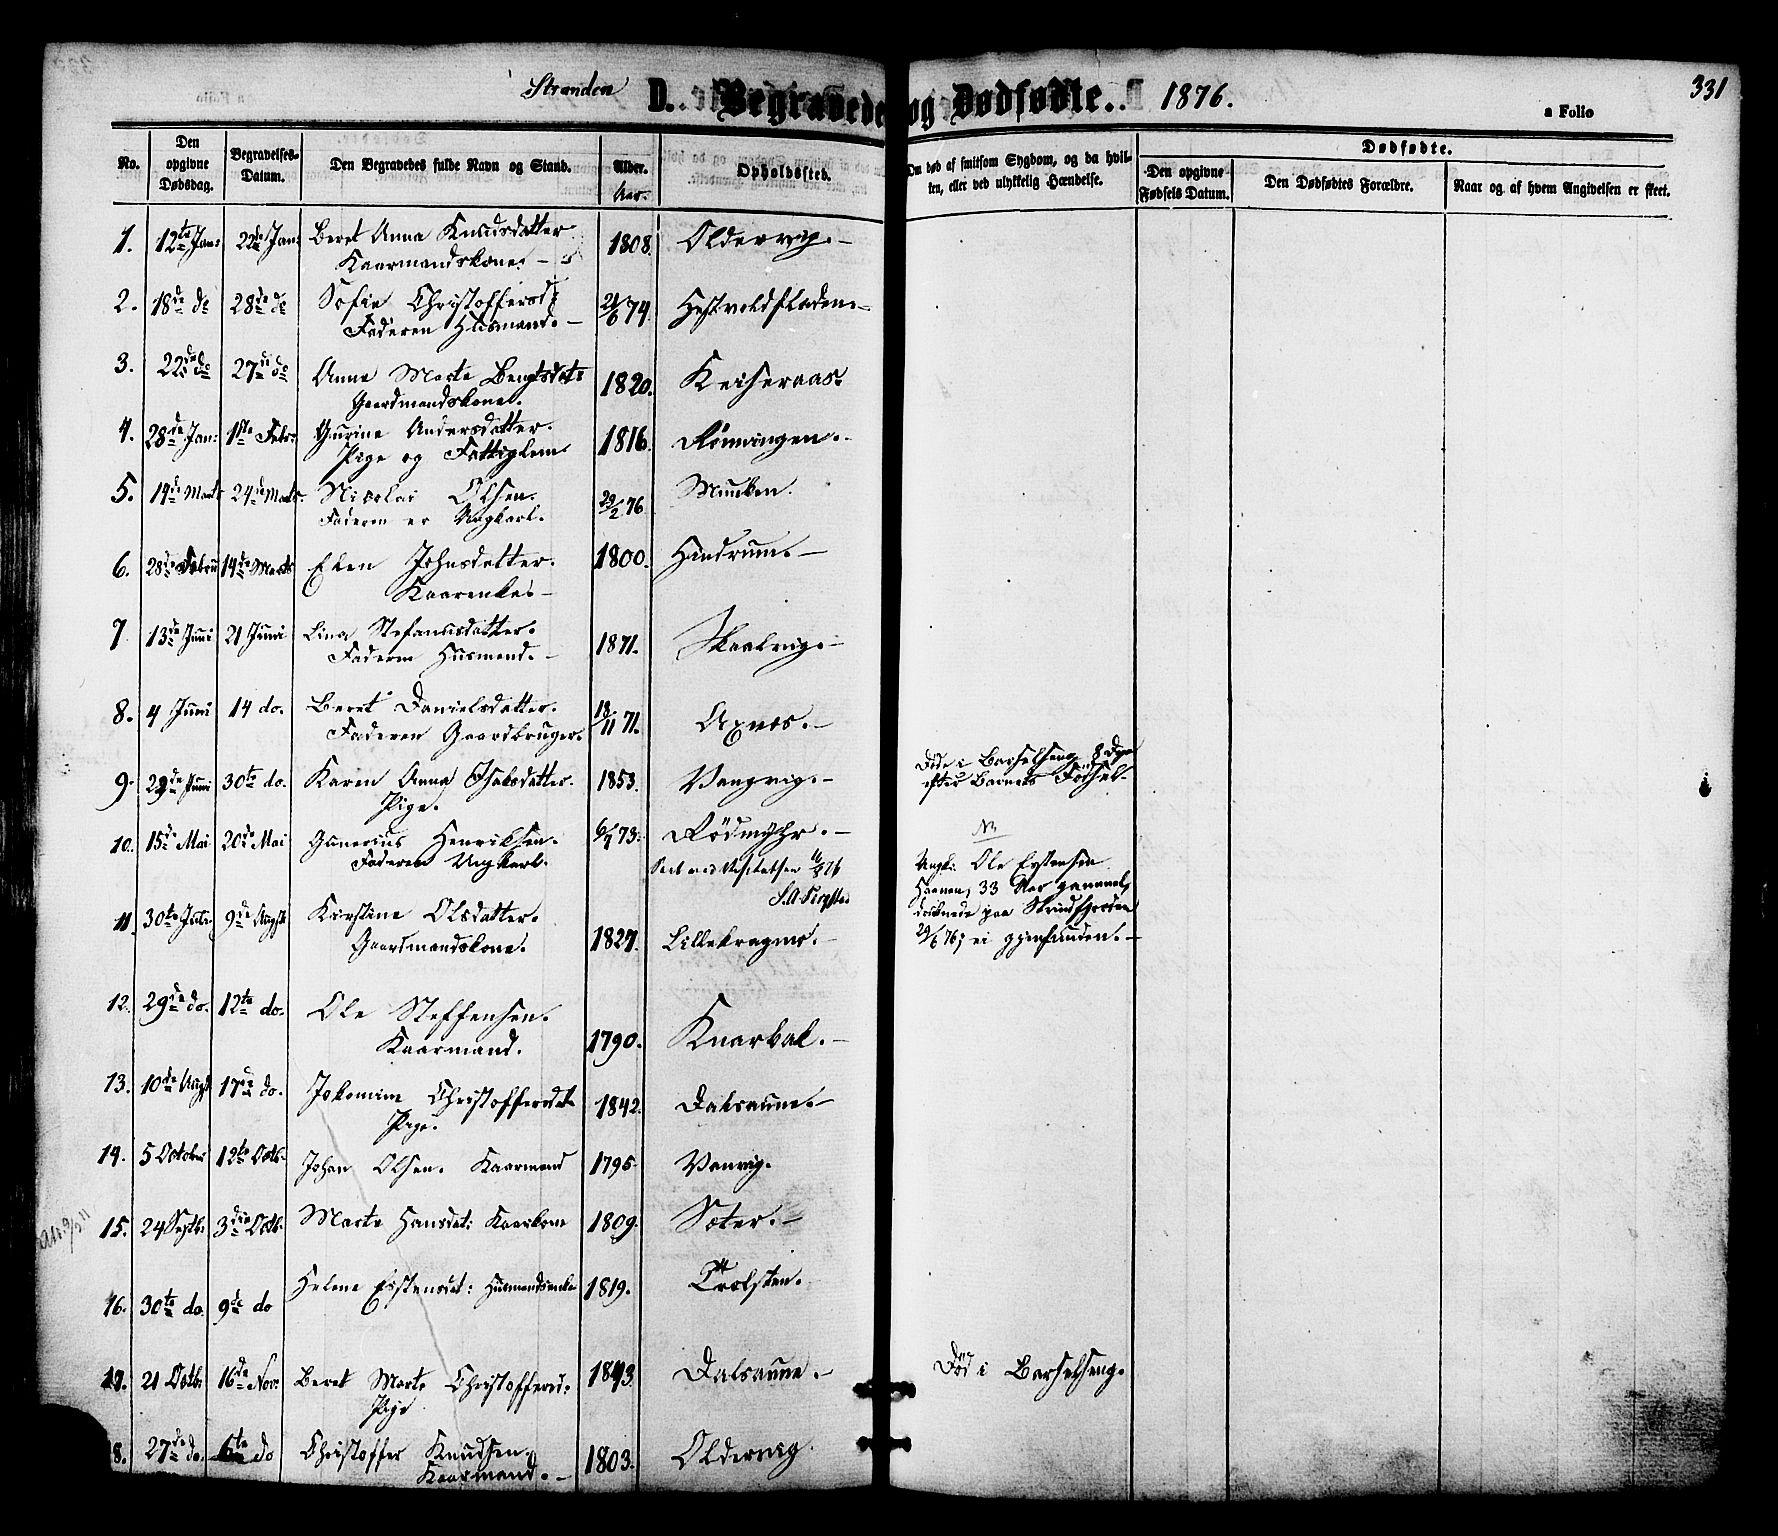 SAT, Ministerialprotokoller, klokkerbøker og fødselsregistre - Nord-Trøndelag, 701/L0009: Ministerialbok nr. 701A09 /2, 1864-1882, s. 331